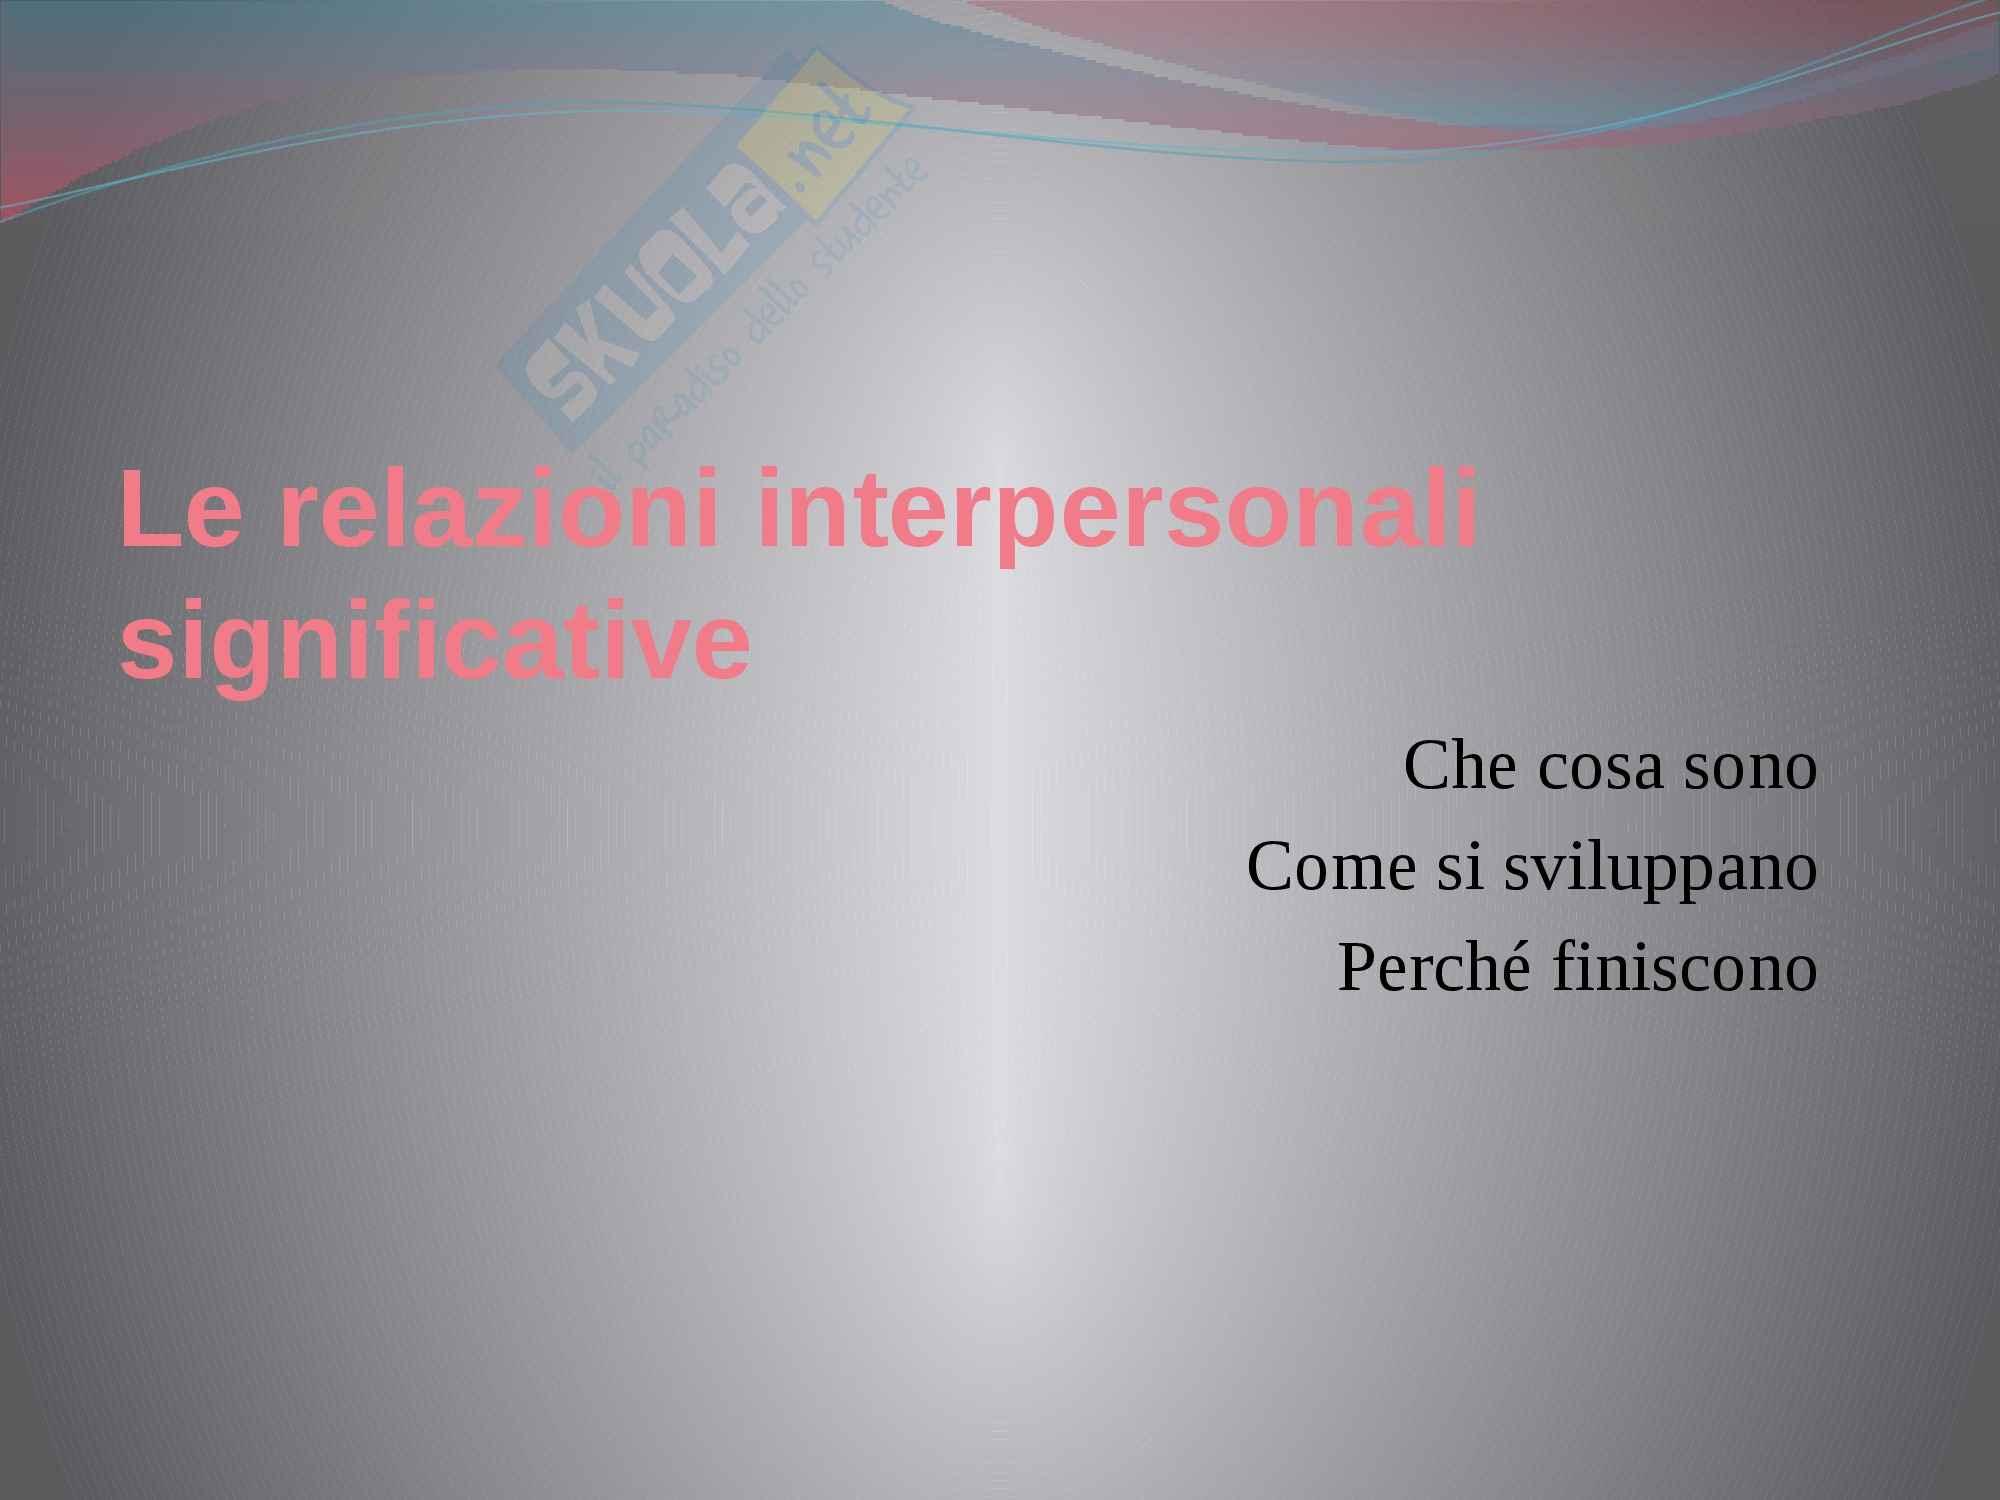 Le relazioni interpersonali significative